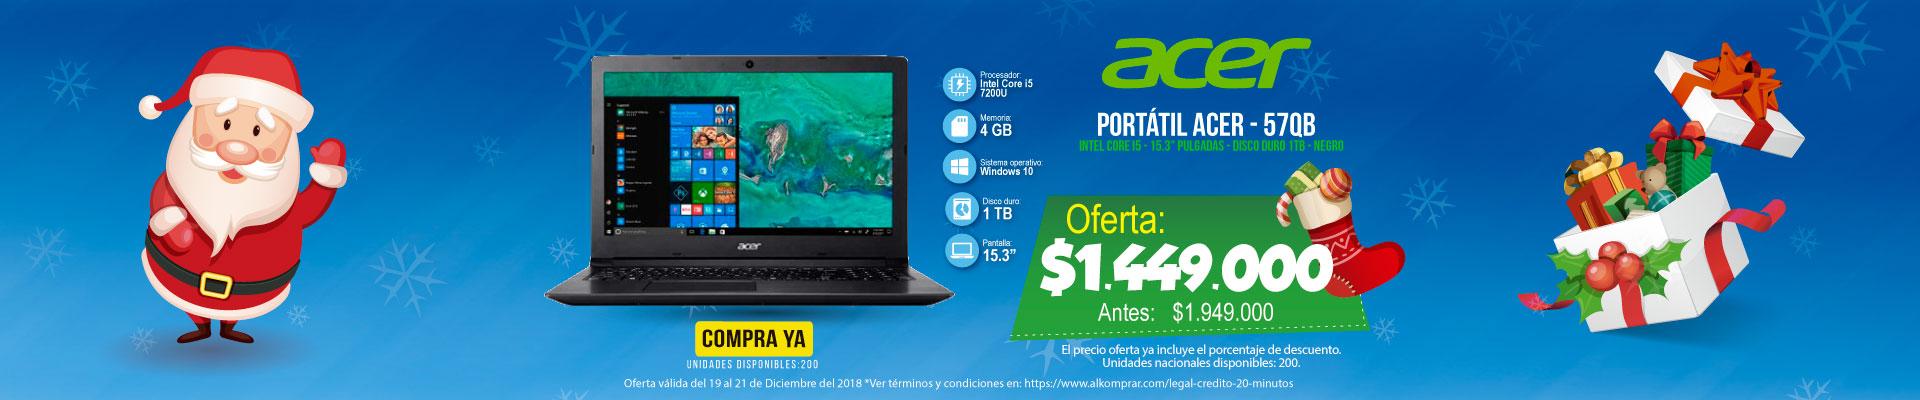 BP ALKP  Portatil 15' Acer 57QB Ci5 Ng